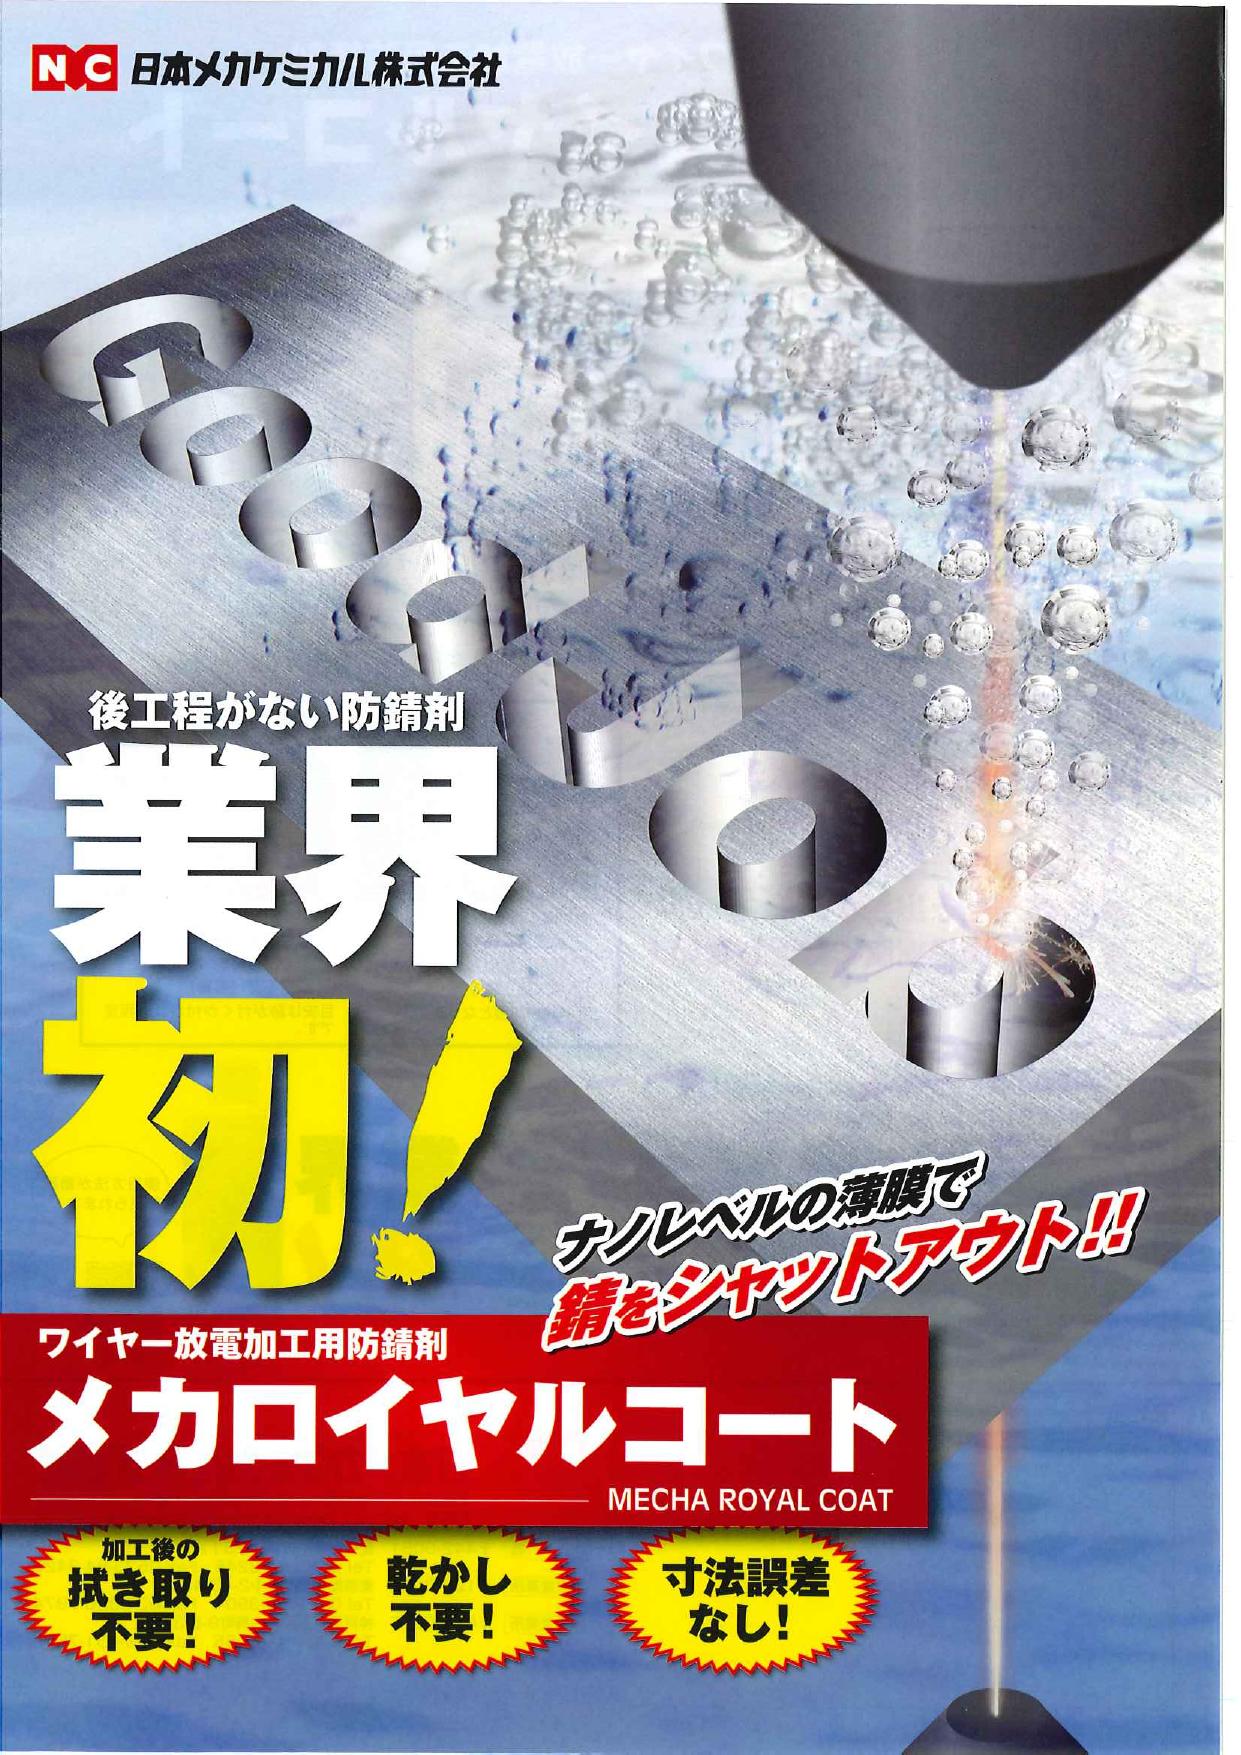 ワイヤー放電加工用防錆剤 メカロイヤルコート